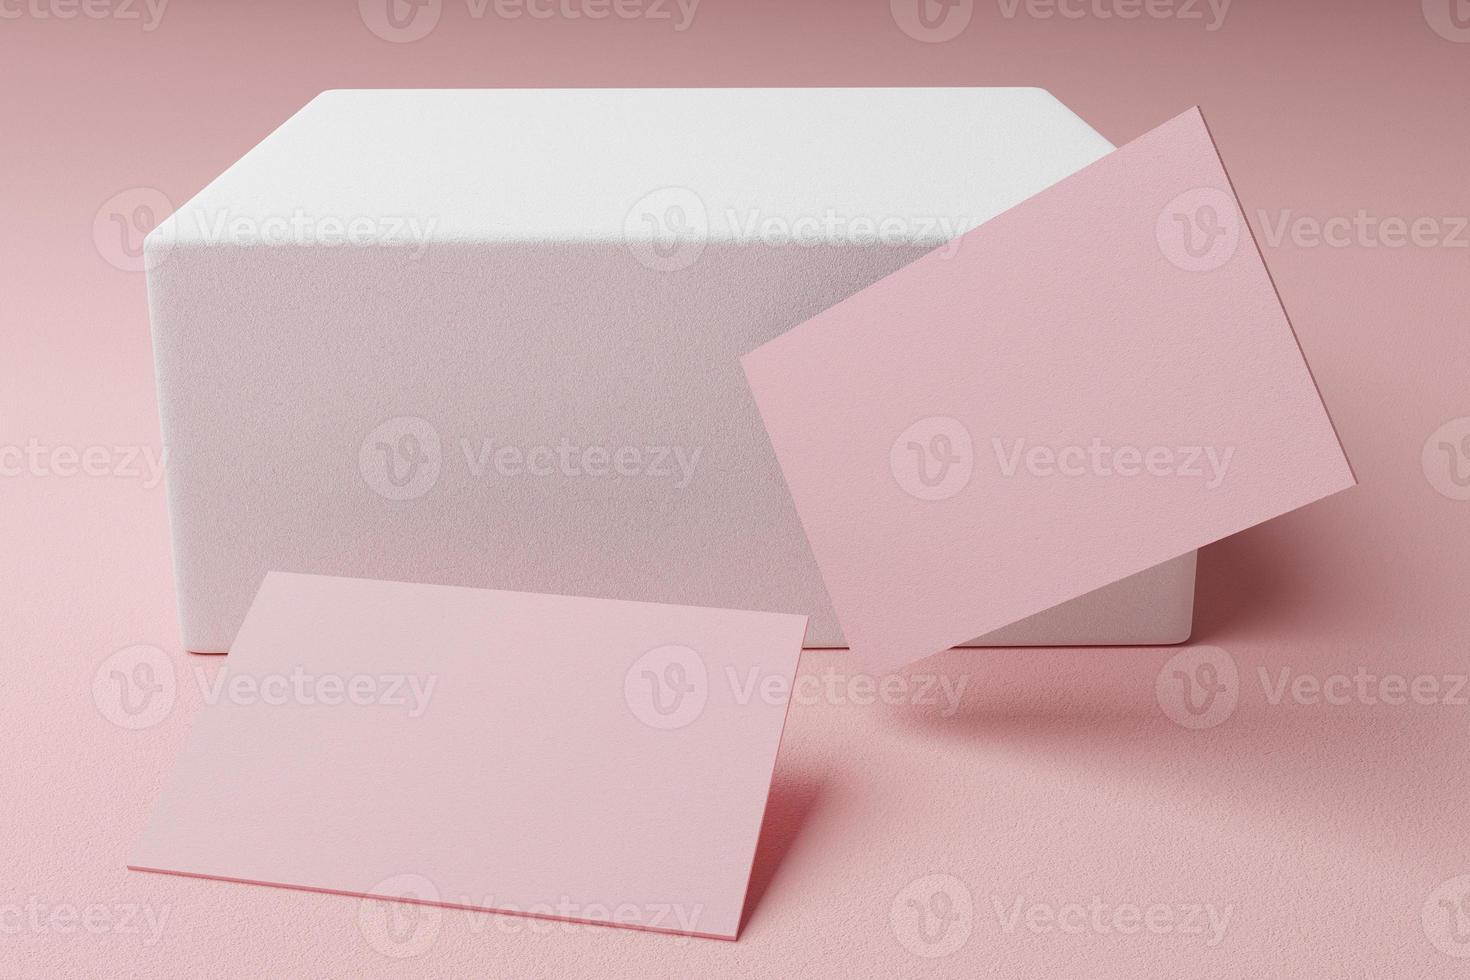 rosa pastell visitkort papper mockup mall med tomt utrymme lock för infoga företagets logotyp eller personlig identitet på kartong bakgrund. modern stil brevpapper koncept. 3d illustration render foto